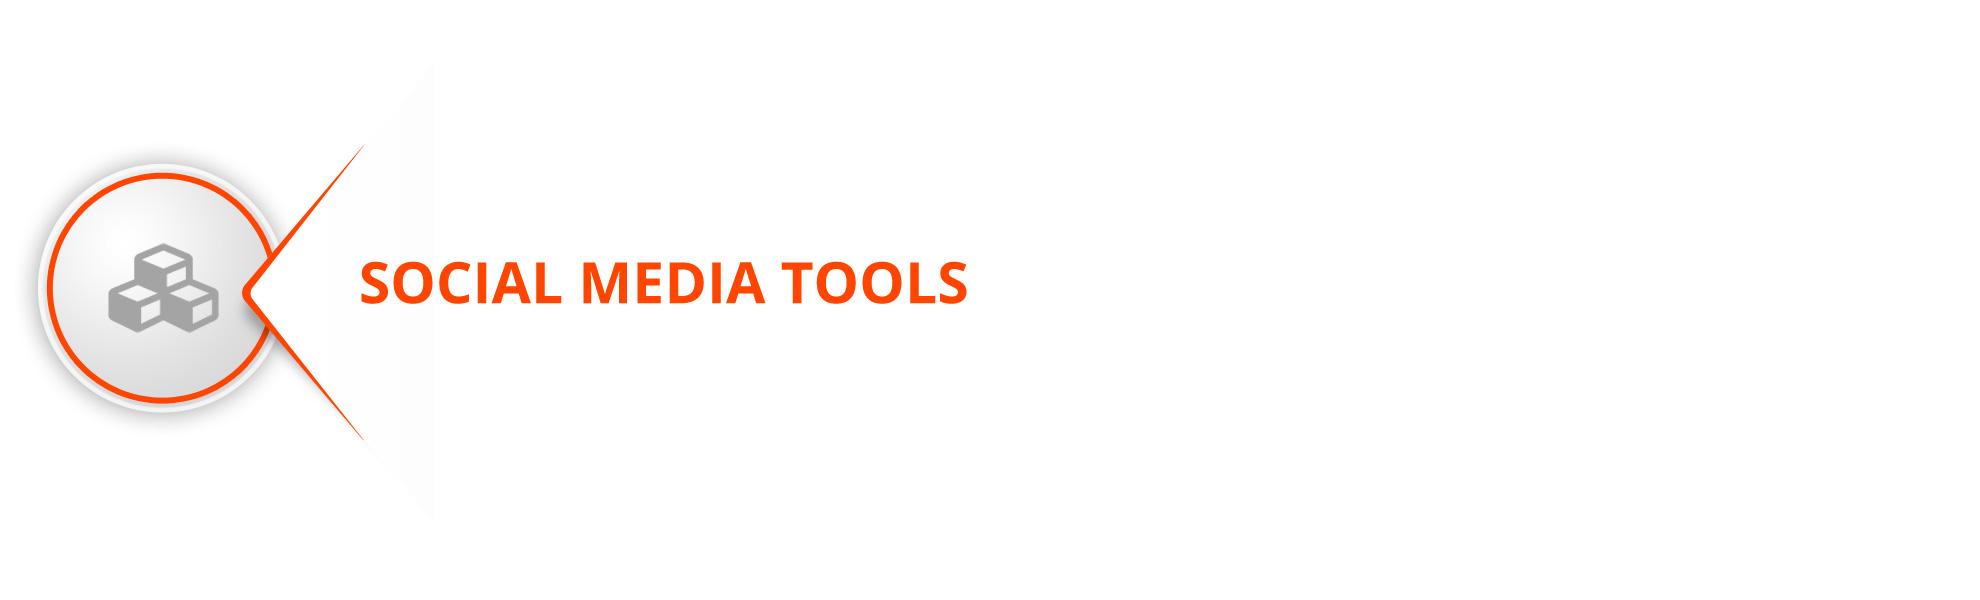 social-media-tools-azobit